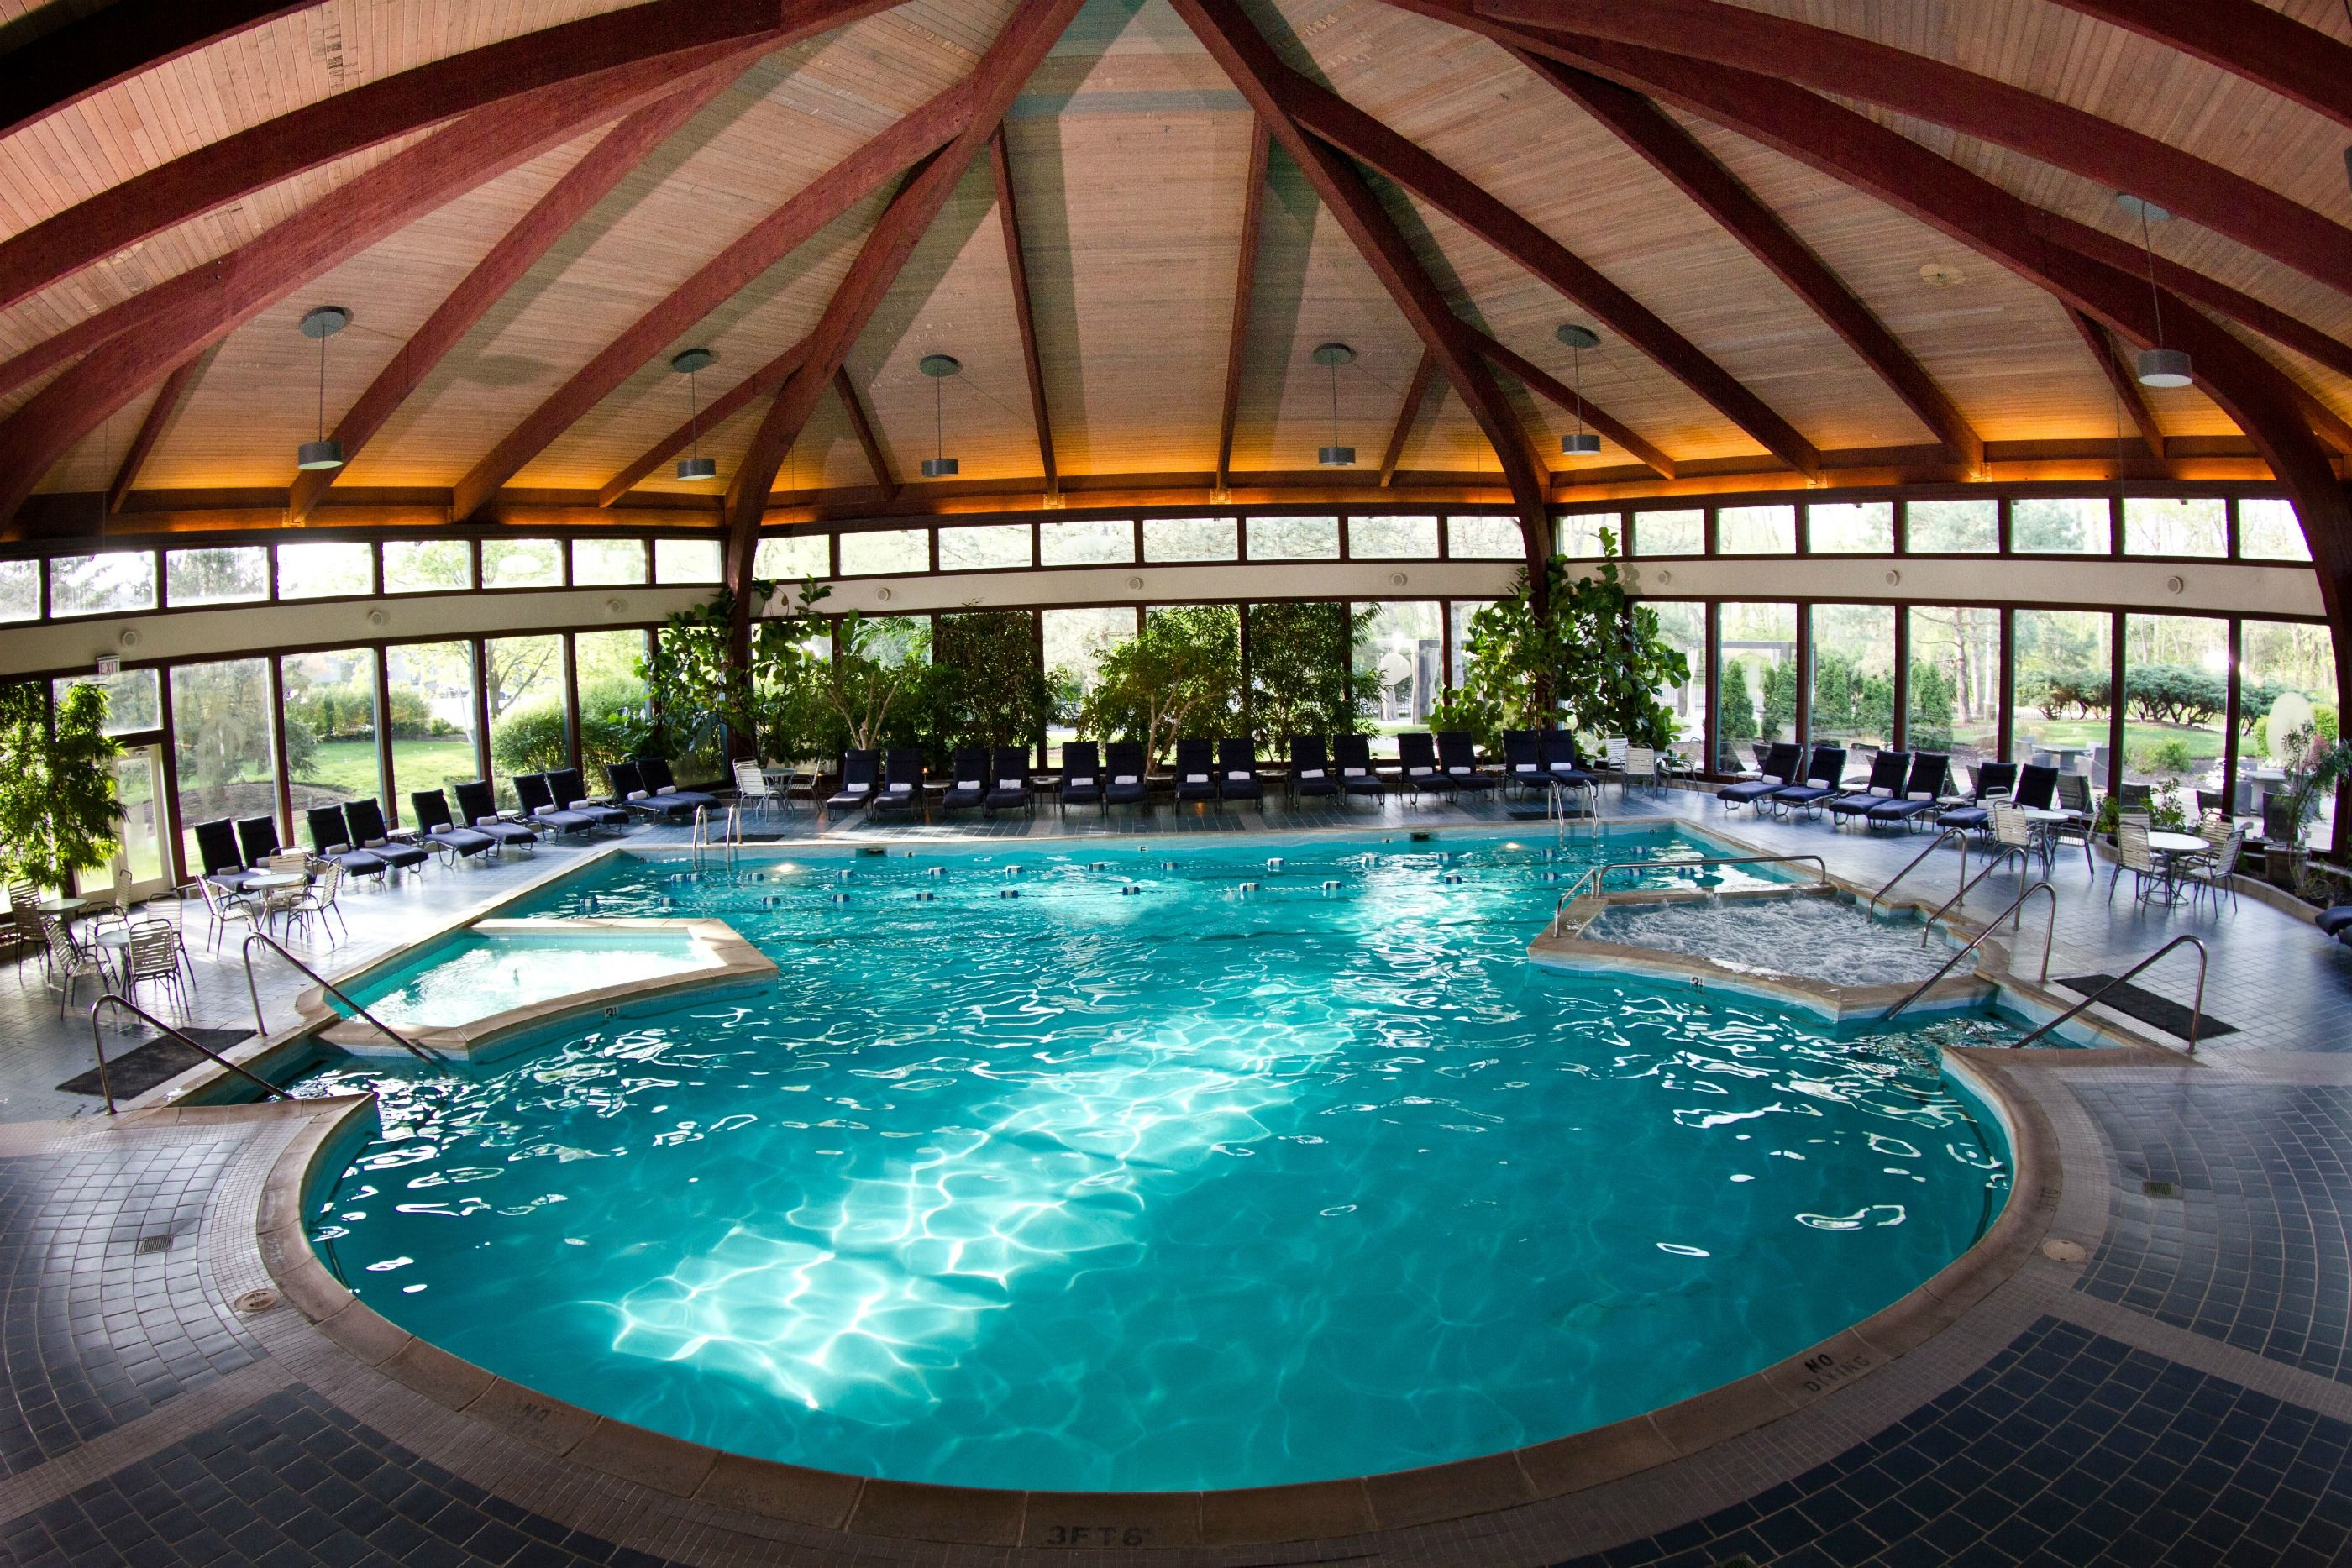 The Beautiful Avani Spa Atrium Pool Chicago Weekend Getaway Best Weekend Getaways Lake Geneva